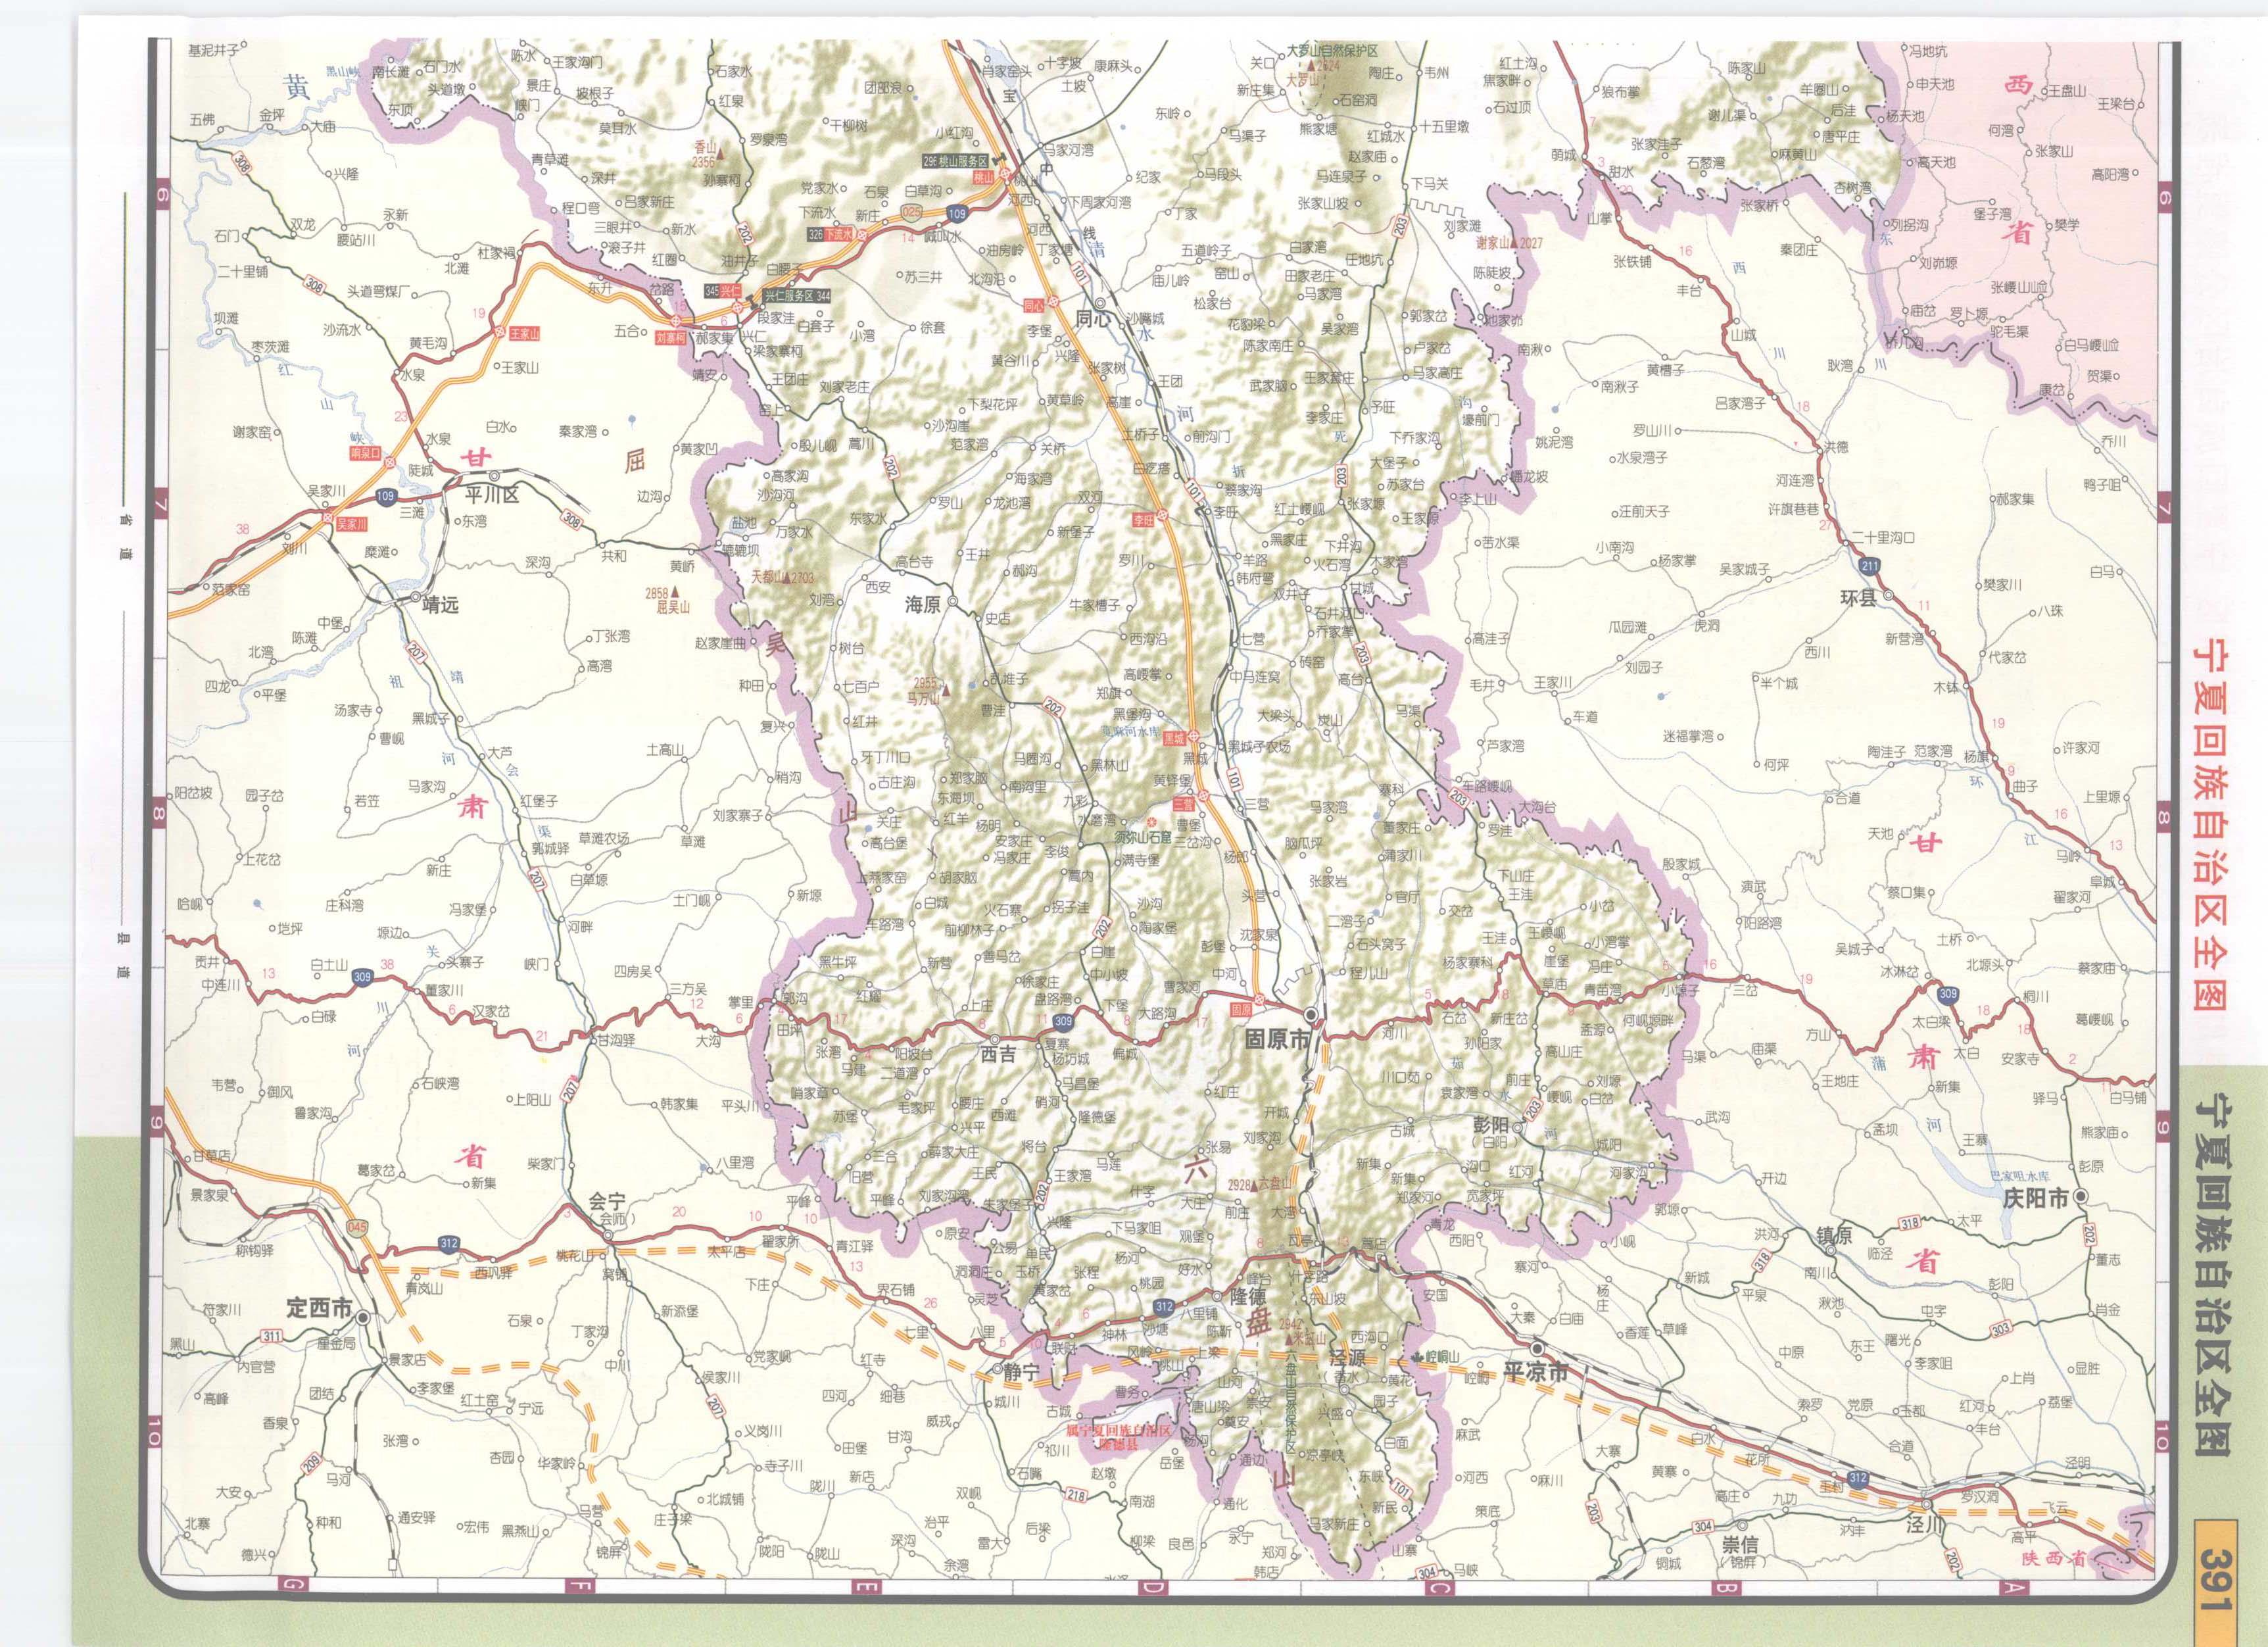 宁夏高速公路网地图